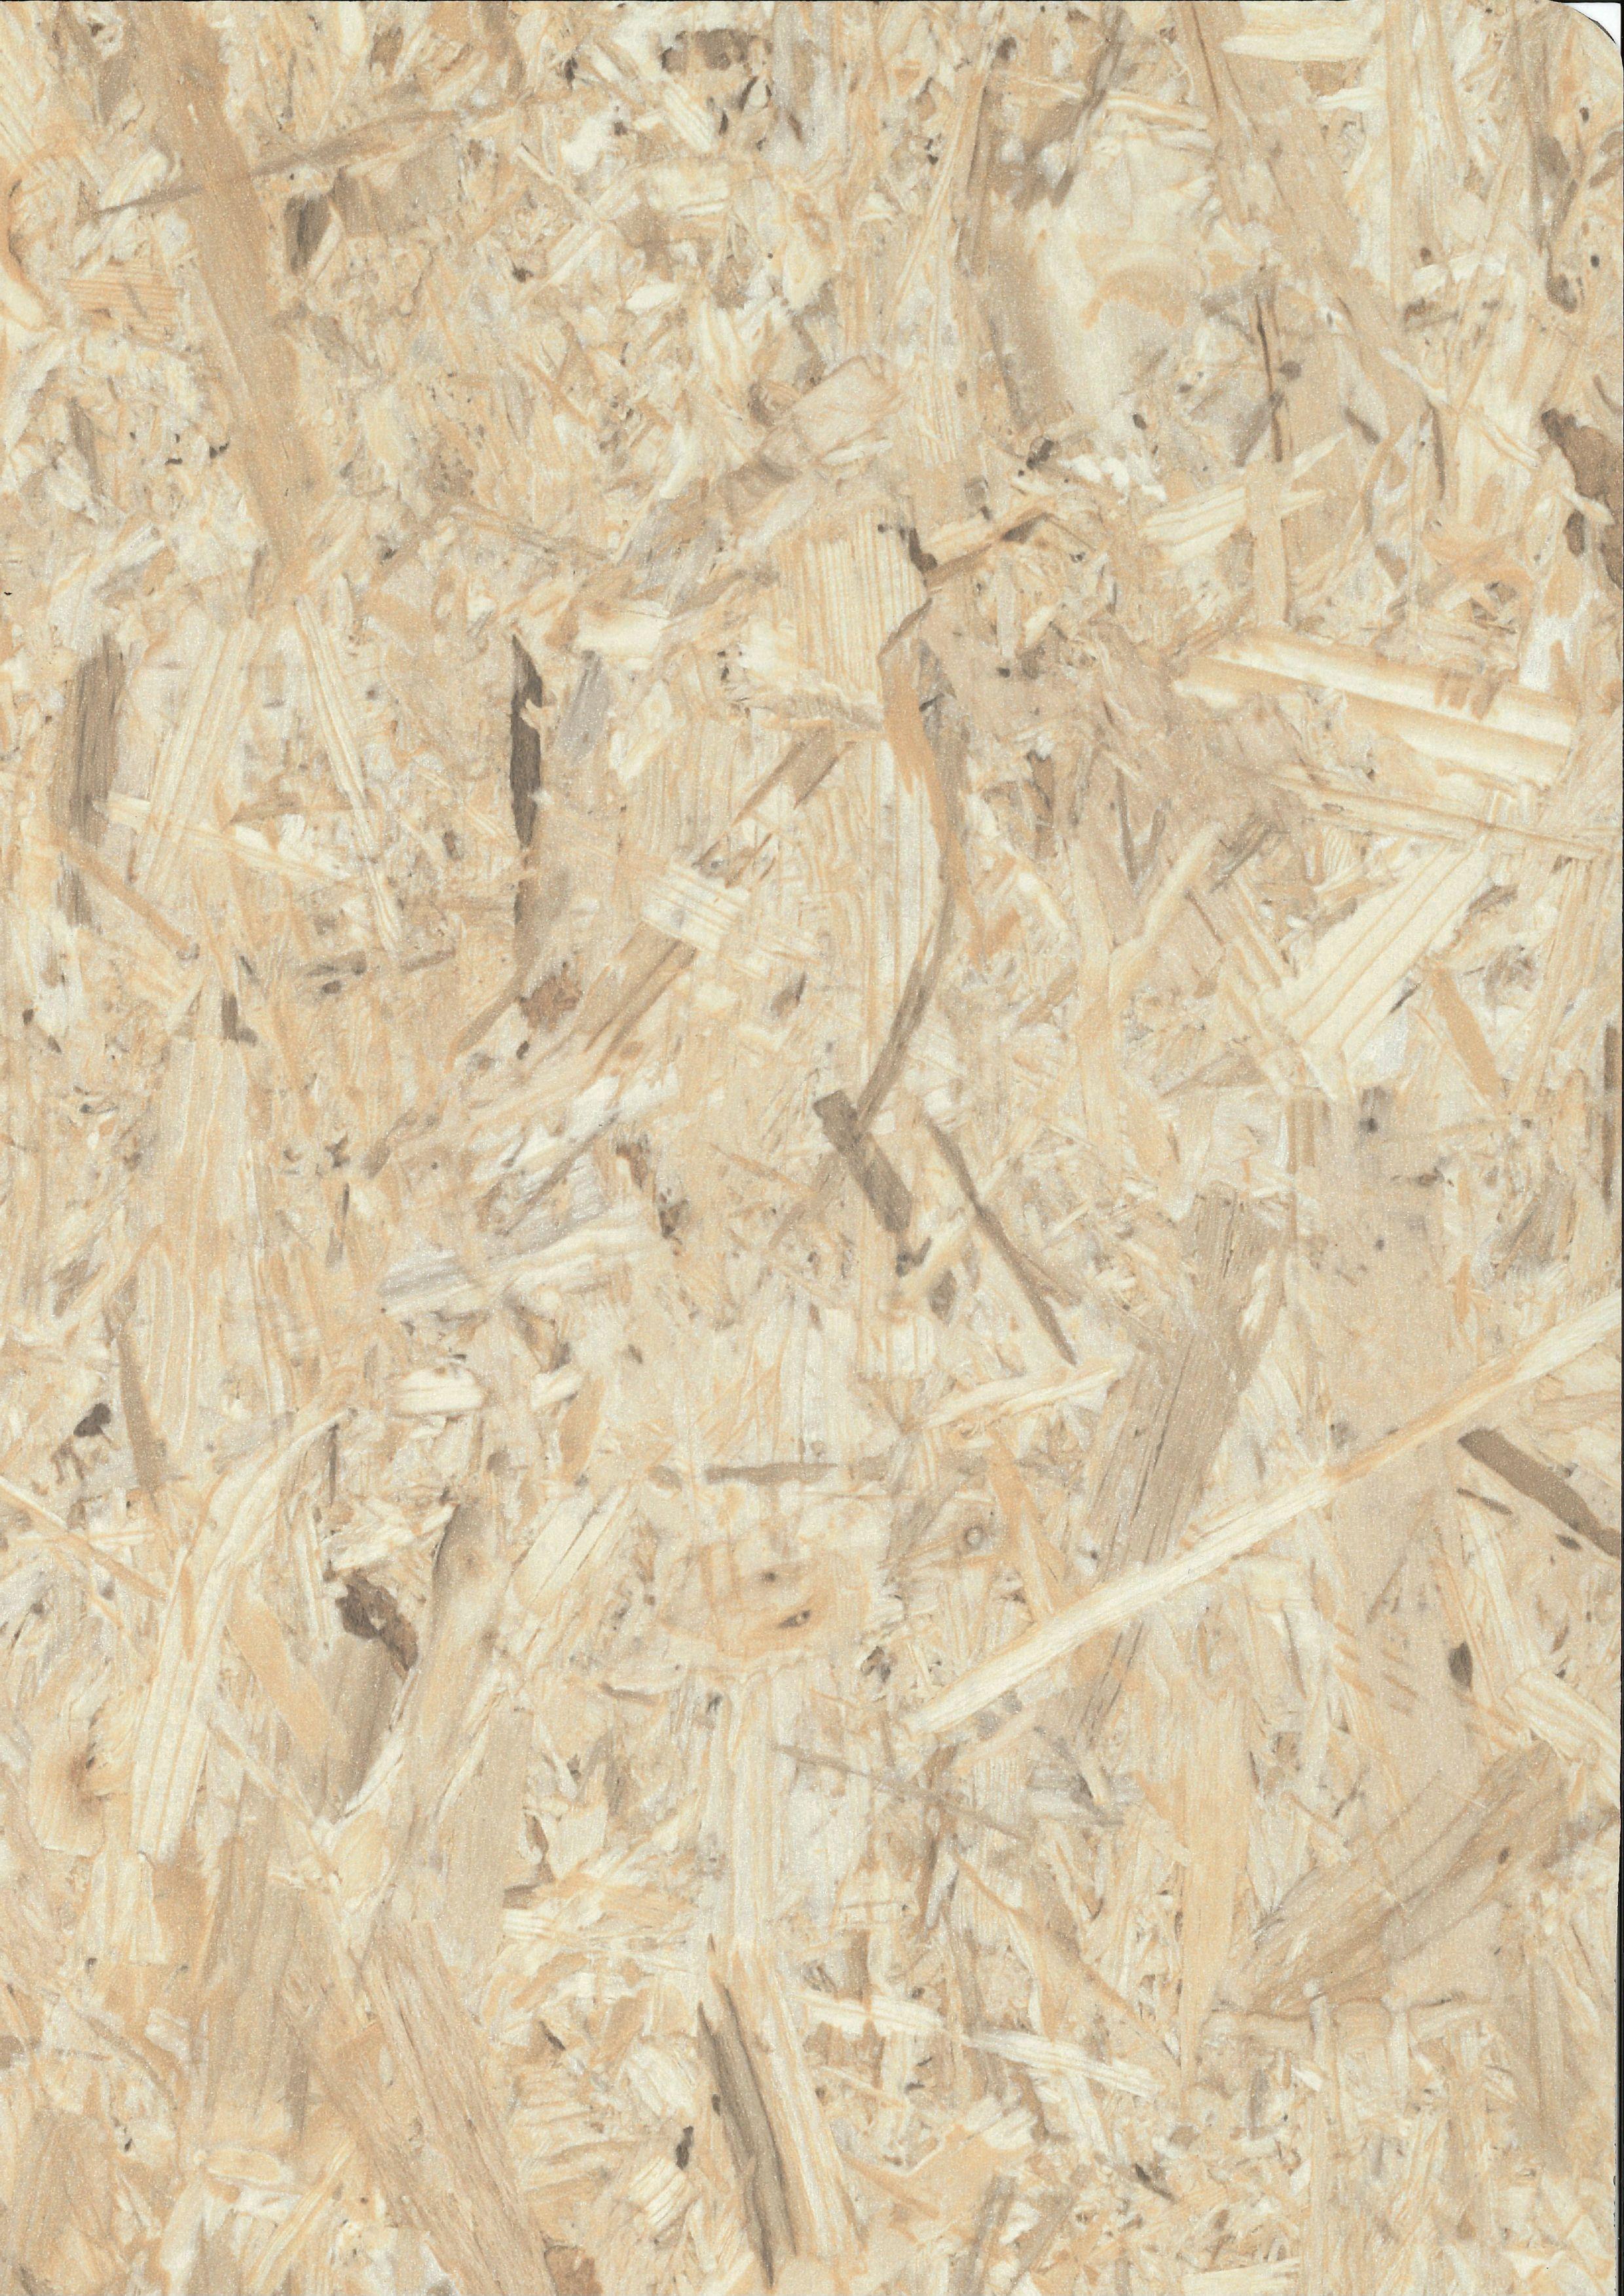 2019的Laminate : DH308 Pattern : Wood Finish : Supper Matte / Anti